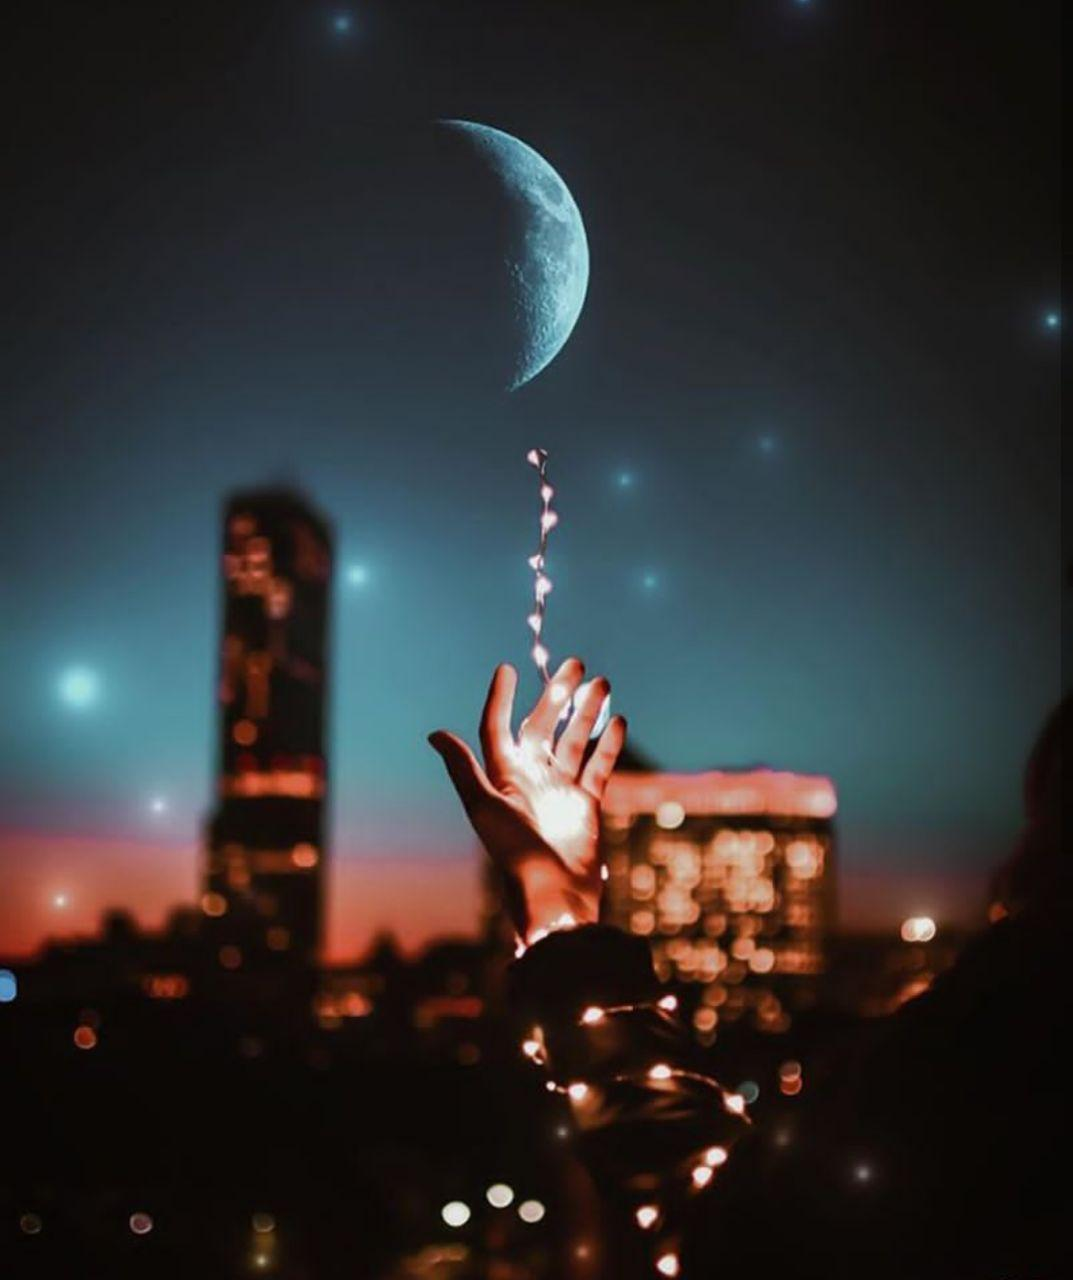 عکس شب زیبا